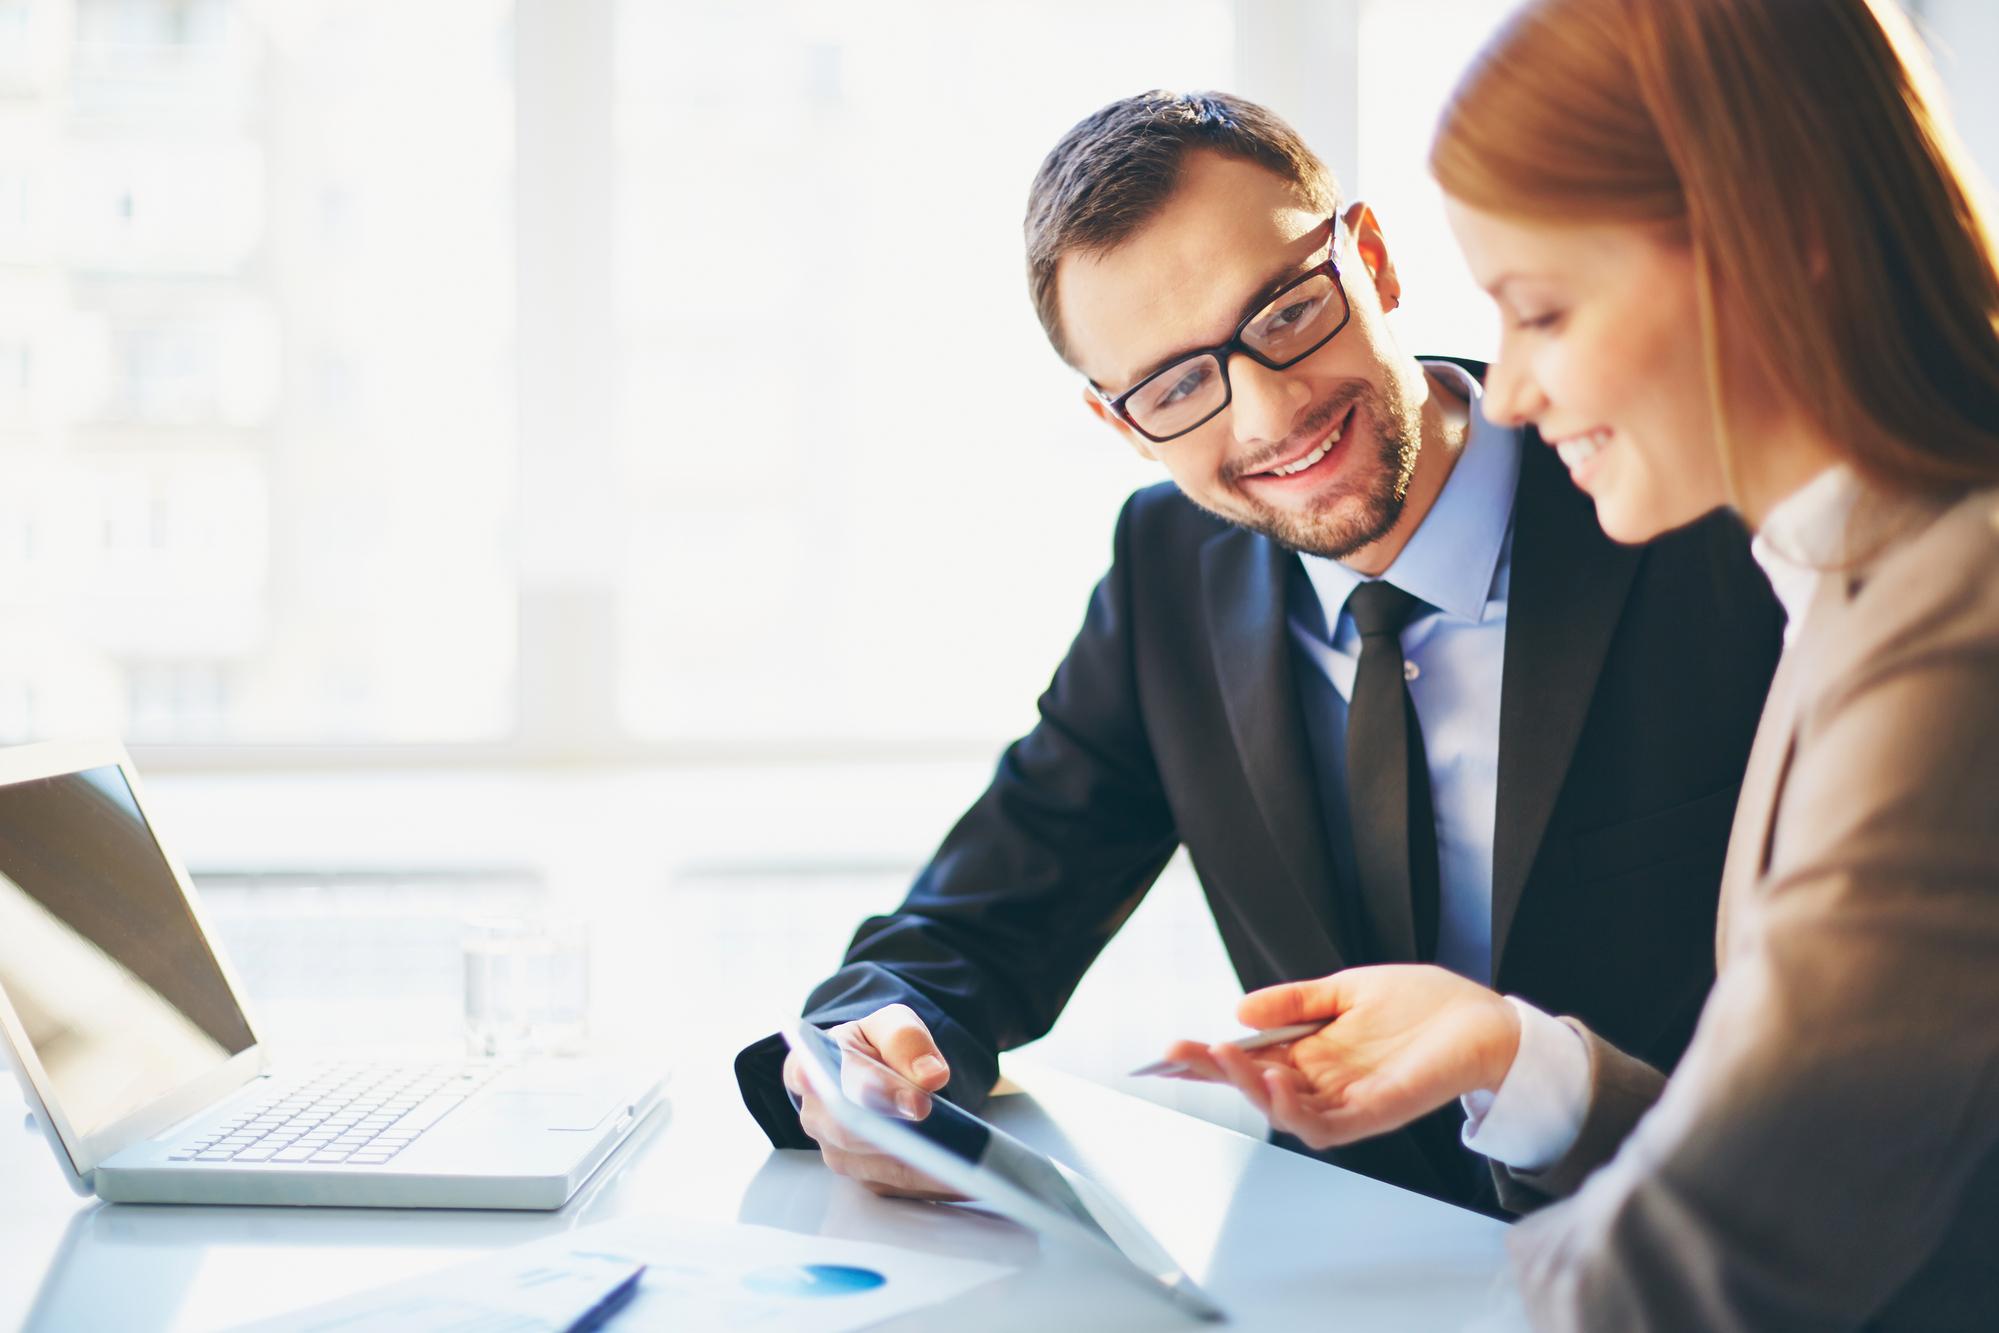 専属のスタッフがお客様をずっとサポートします。